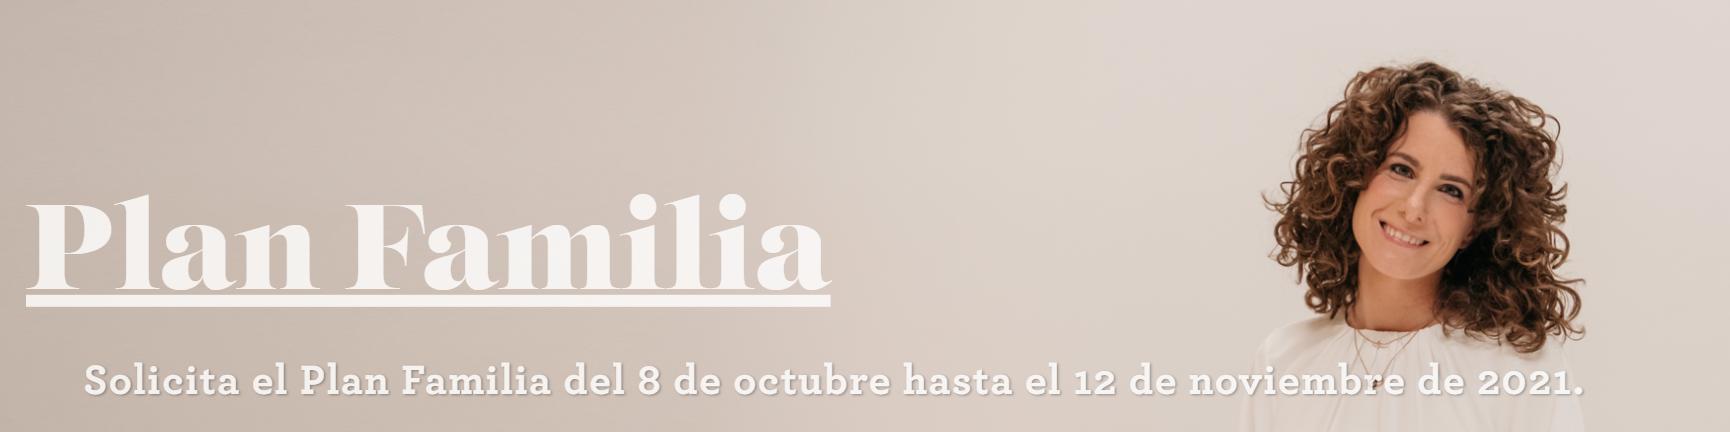 Banner sobre el «Plan Familia». / © Fundación Adecco